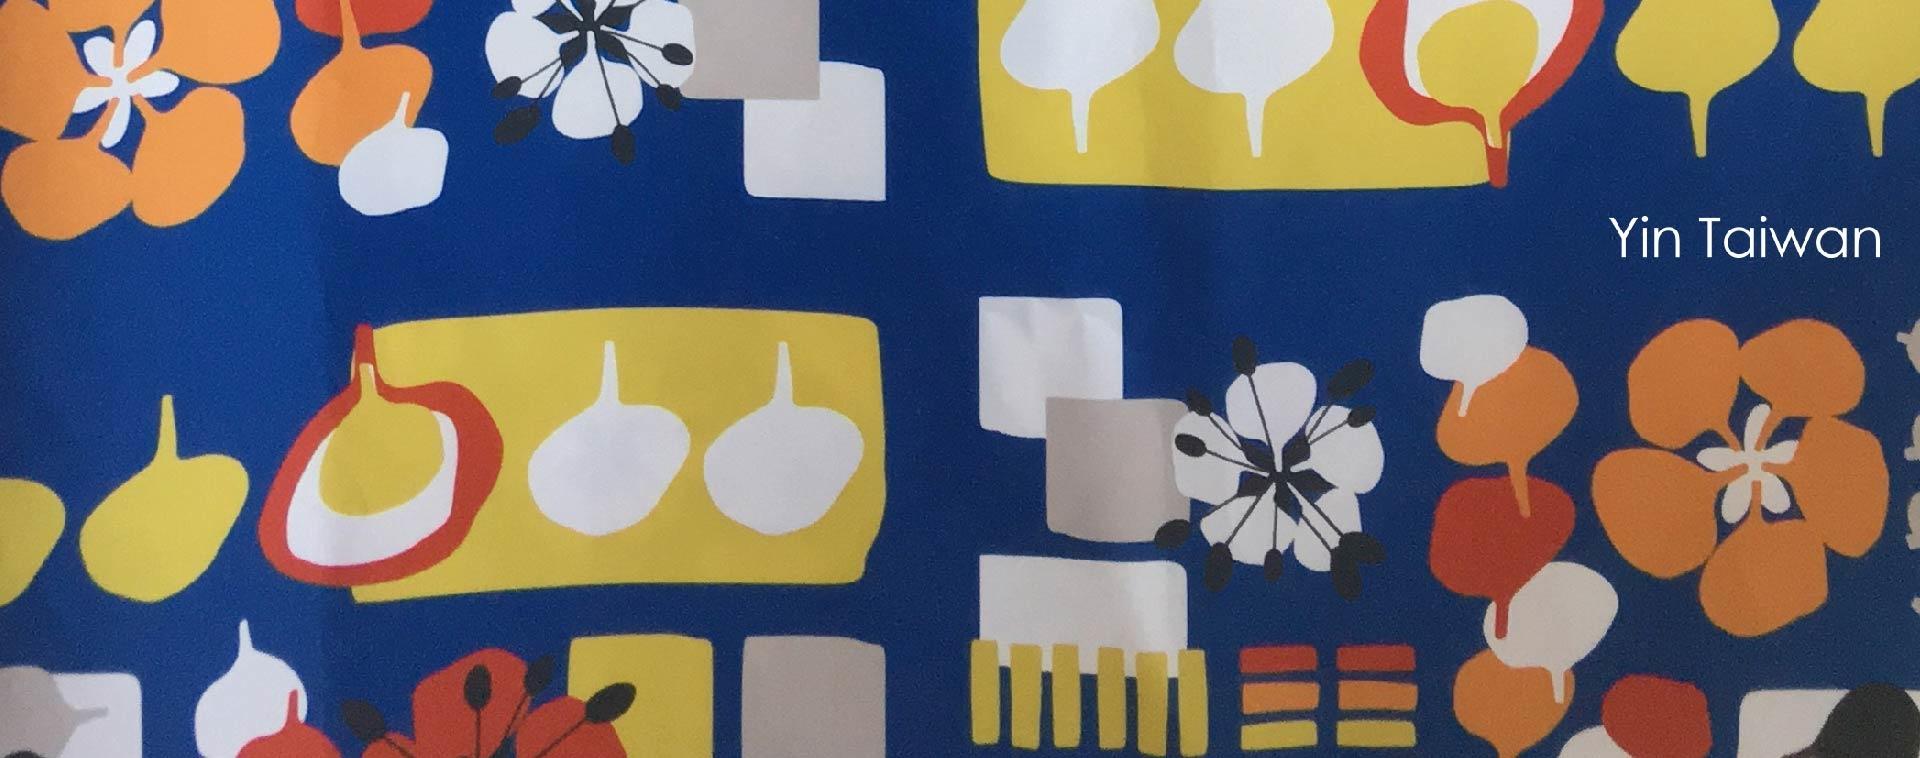 鳳凰花與畢業記憶的台南限定印花設計,藍色